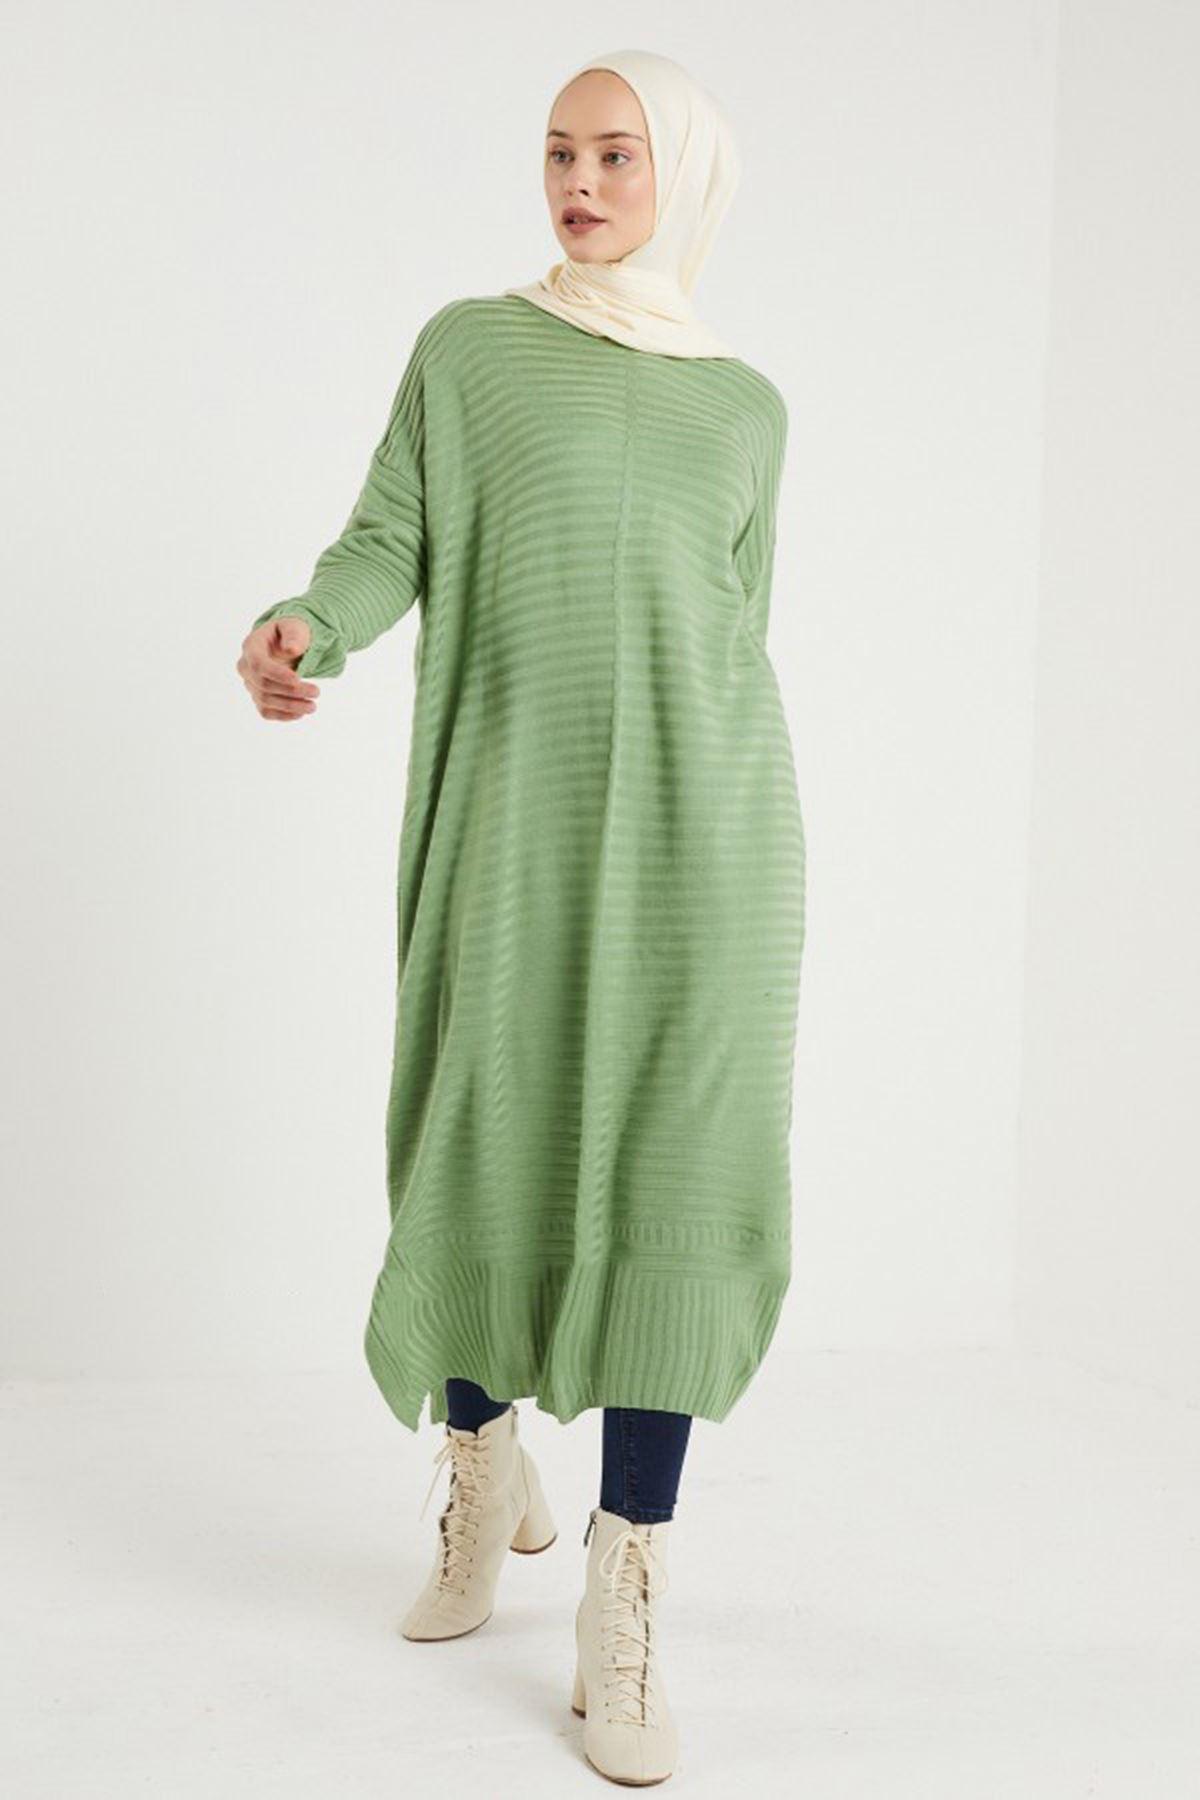 Kadın Fitilli Triko Tunik - Açık Yeşil